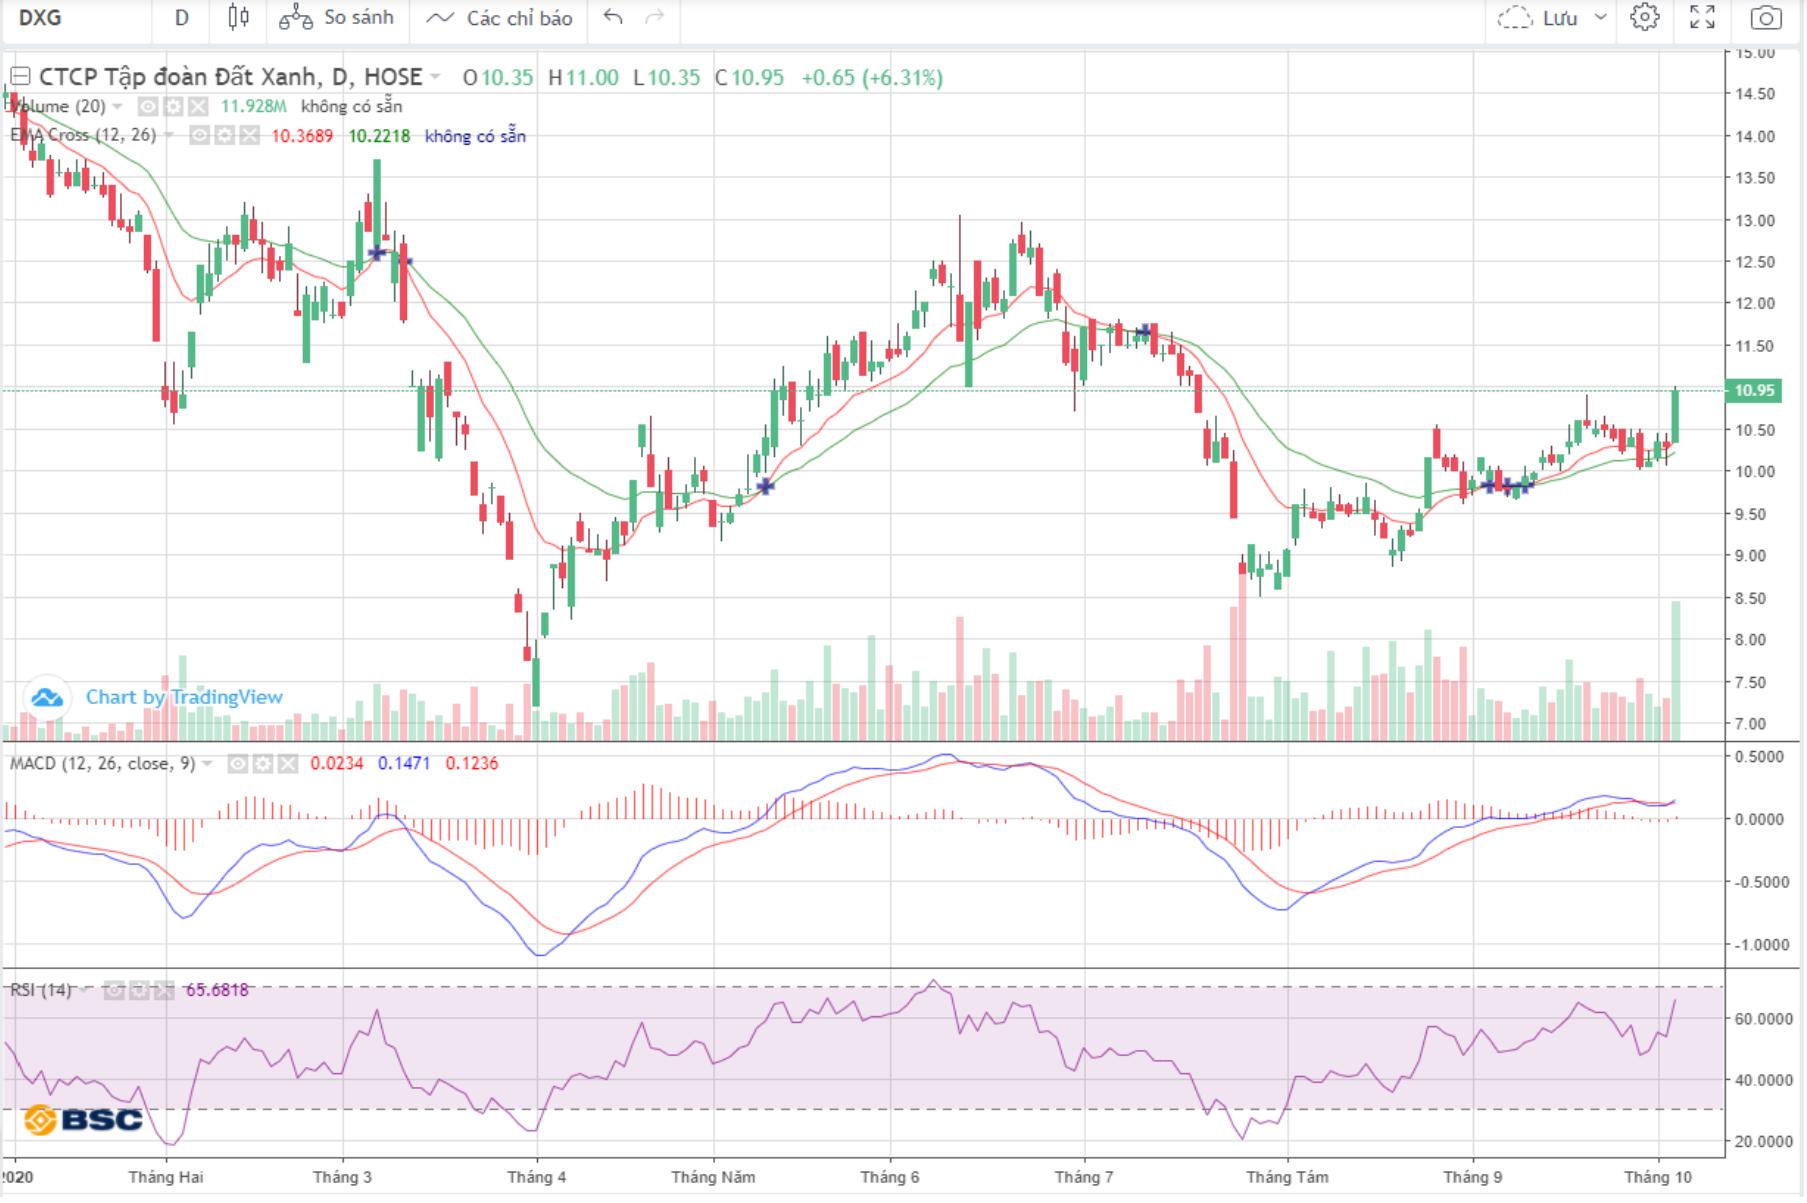 Cổ phiếu tâm điểm ngày 6/10: DXG, PC1, POW, HAH - Ảnh 1.